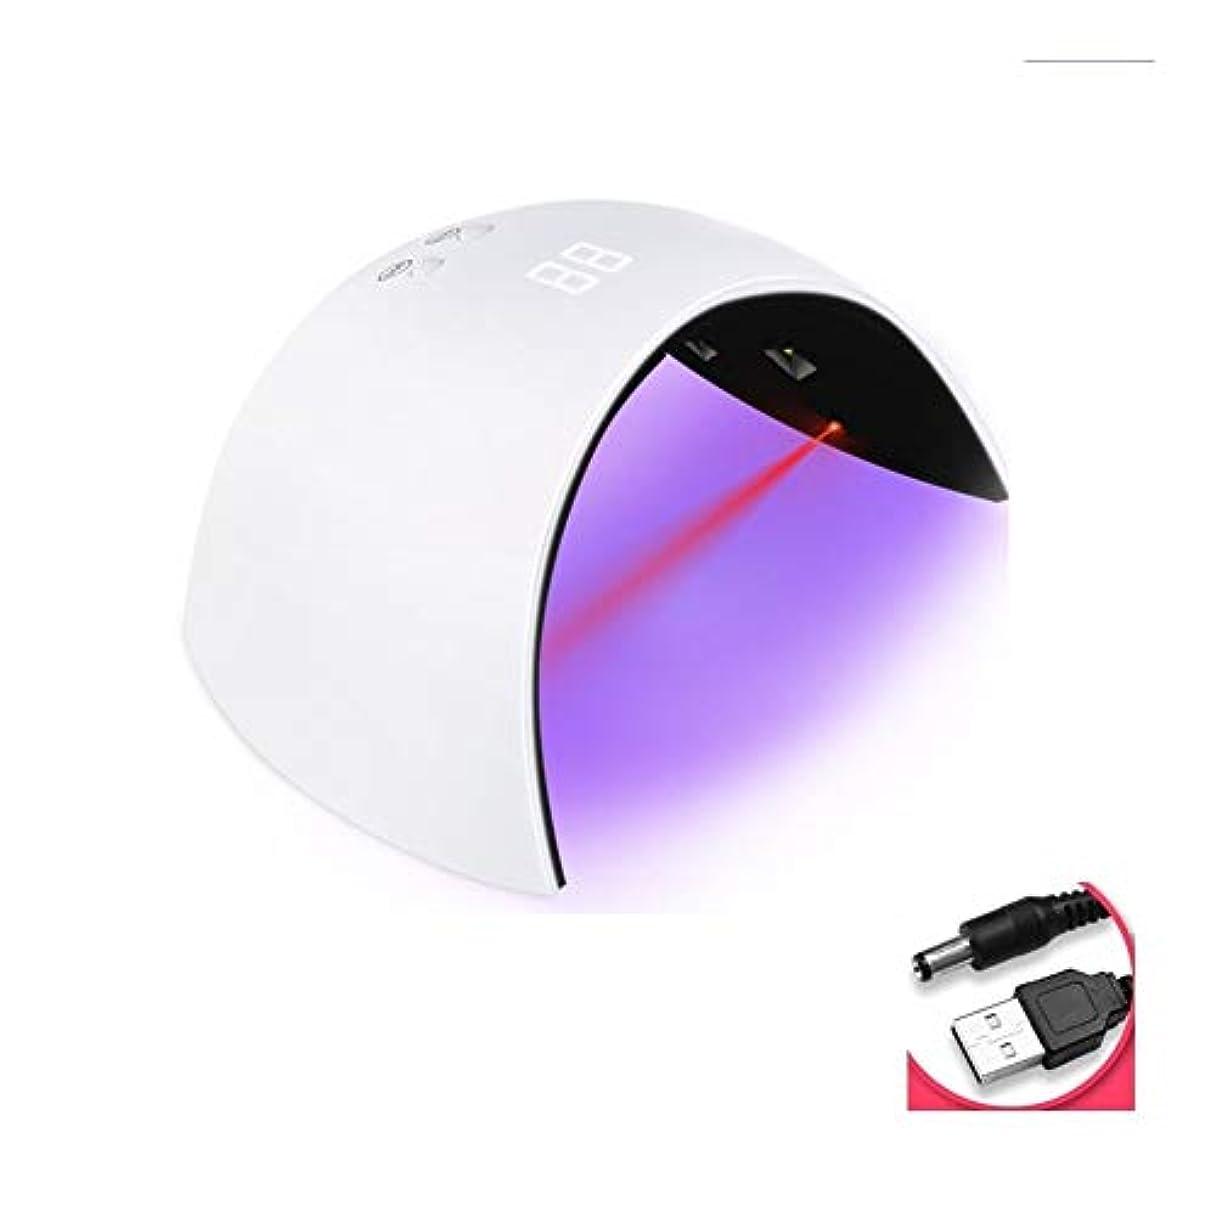 に対処する雄大な通常LittleCat 速乾性ネイルUVランプ光線療法ネイルポリッシュプラスチックヒートランプLED工作機械ランプネイル乾燥機のセンサー (色 : 赤)